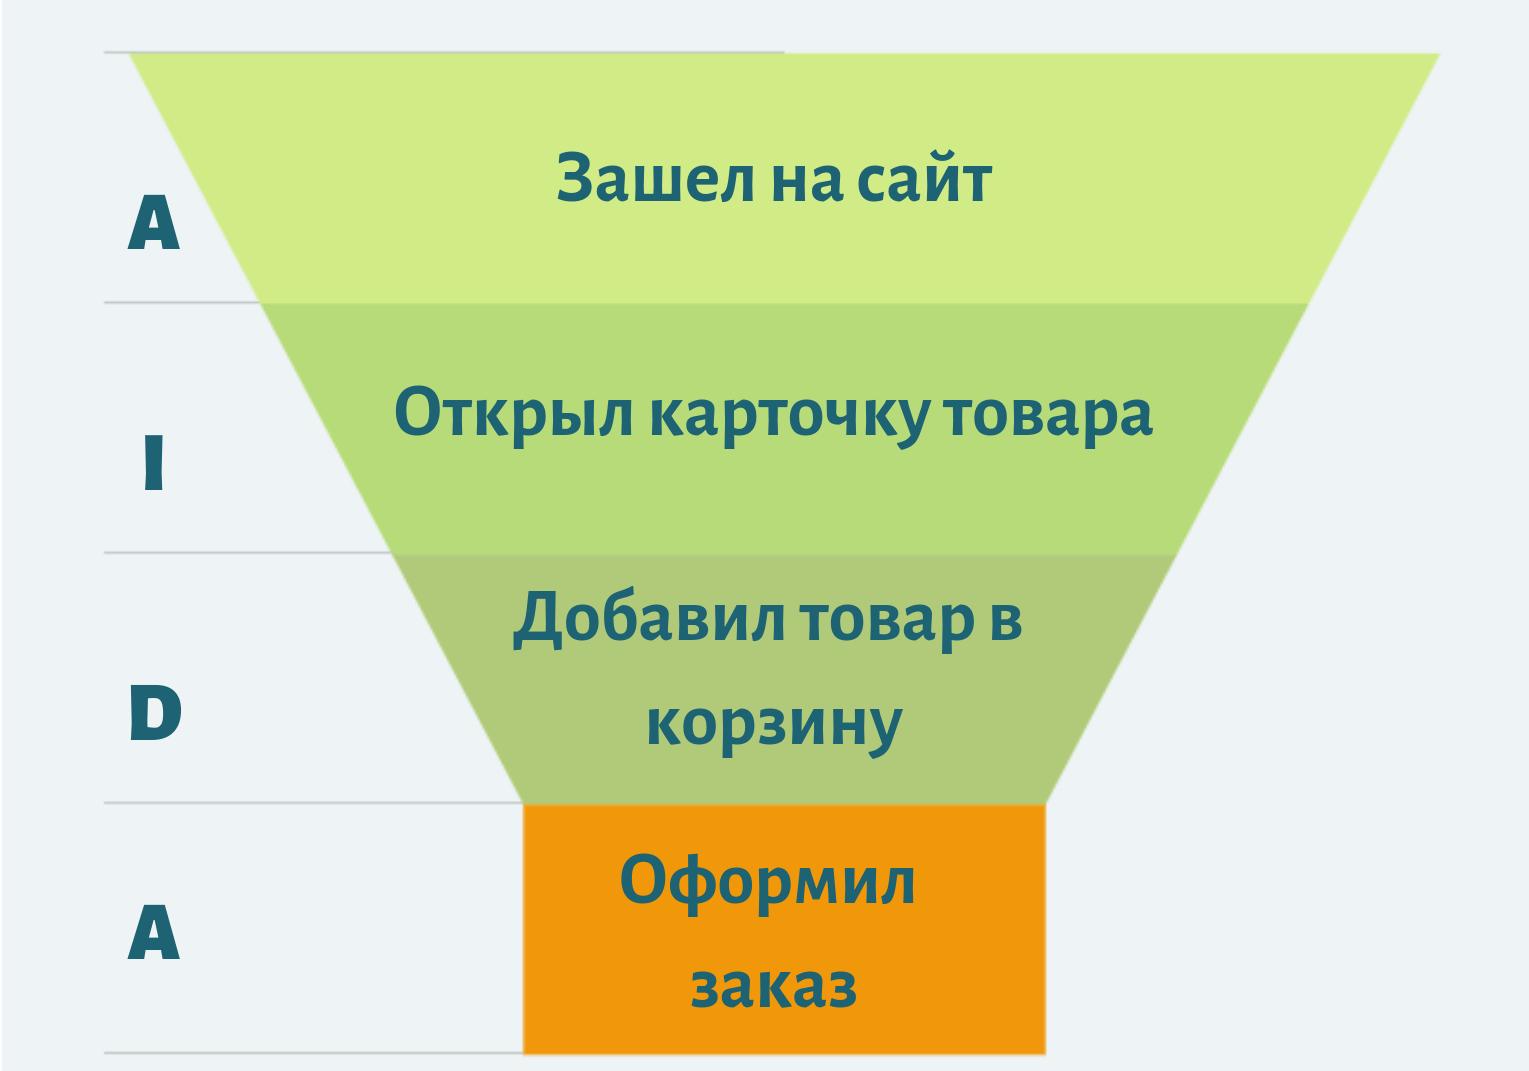 Воронка продаж интернет-магазинов